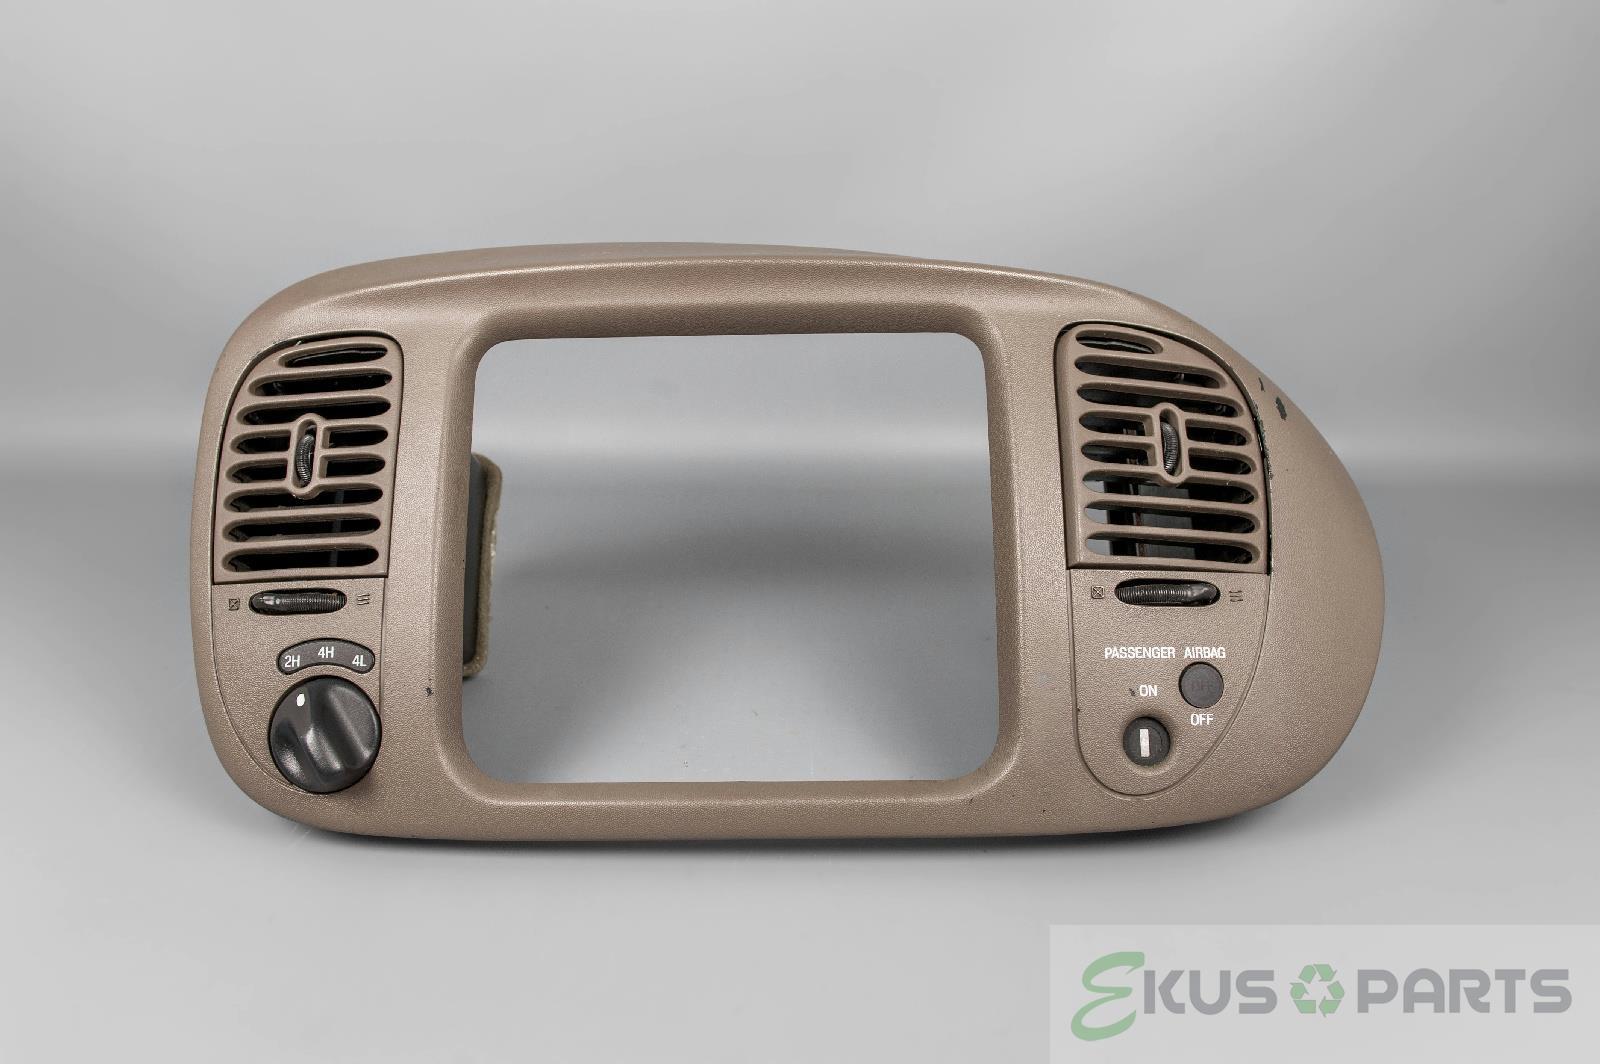 1994 Ford F150 Radio Wiring Diagram 1994 Ford F 150 Radio Wiring